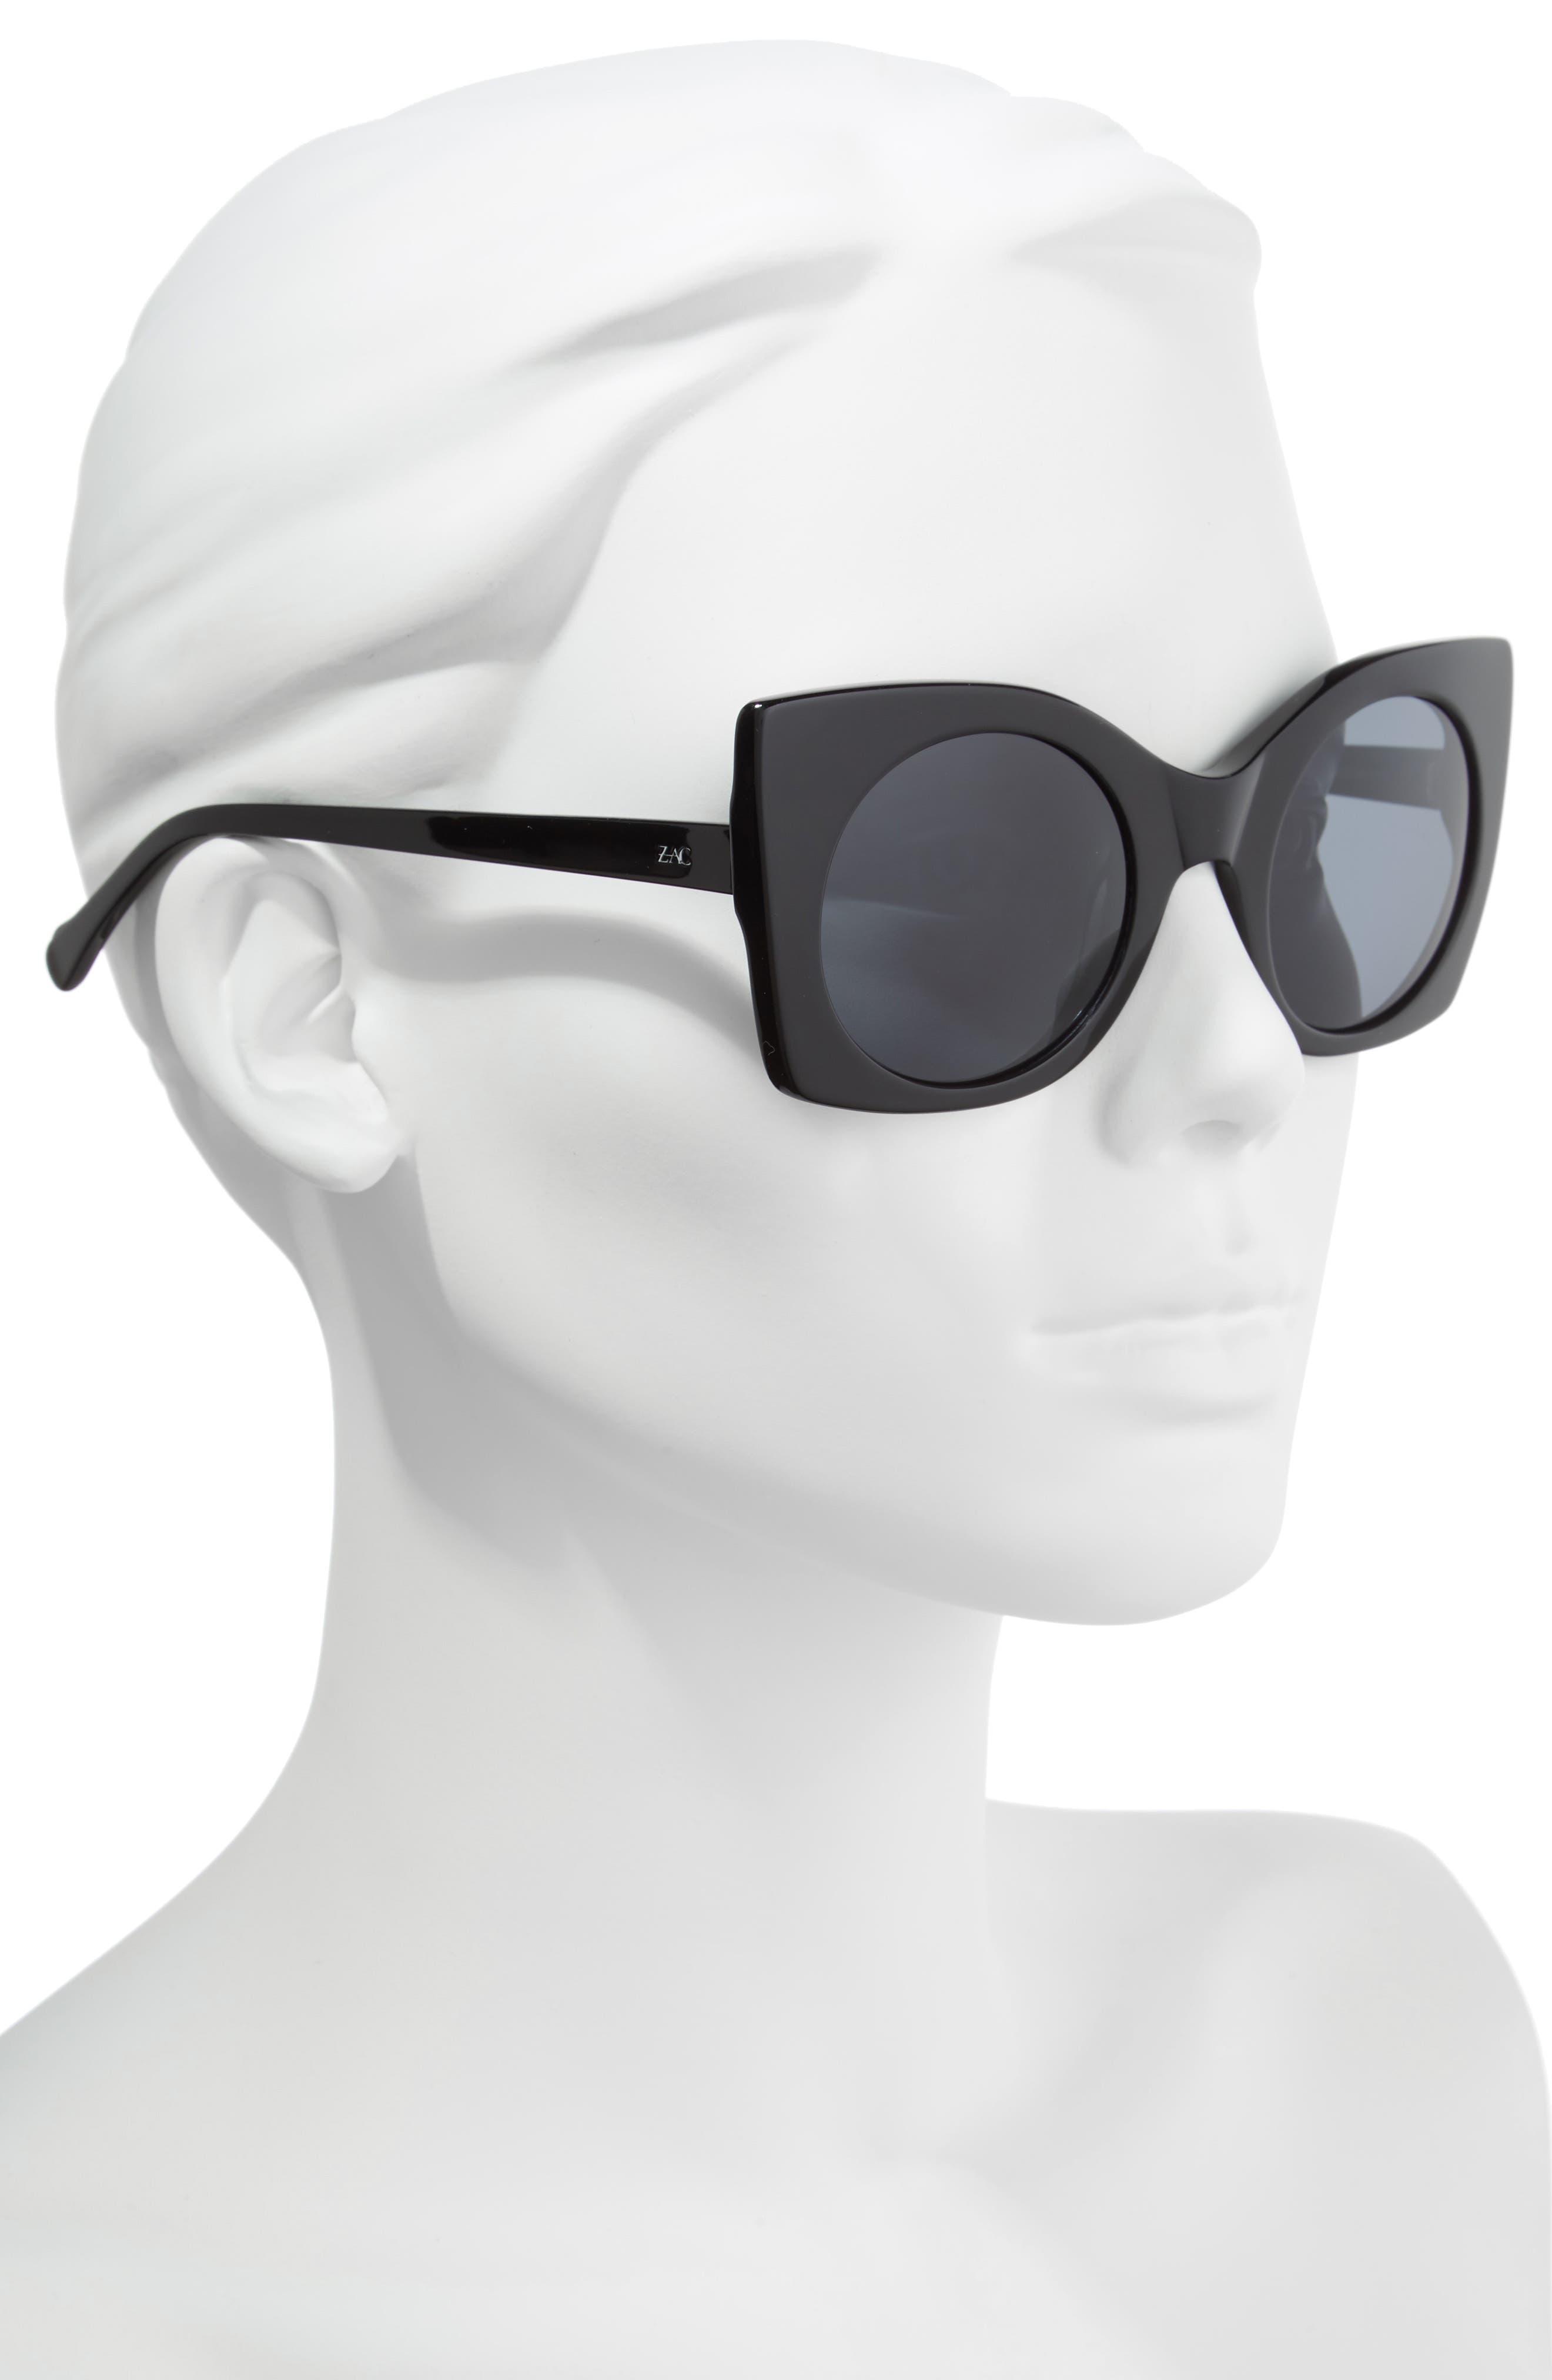 Leona 50mm Polarized Sunglasses,                             Alternate thumbnail 2, color,                             BLACK POLAR